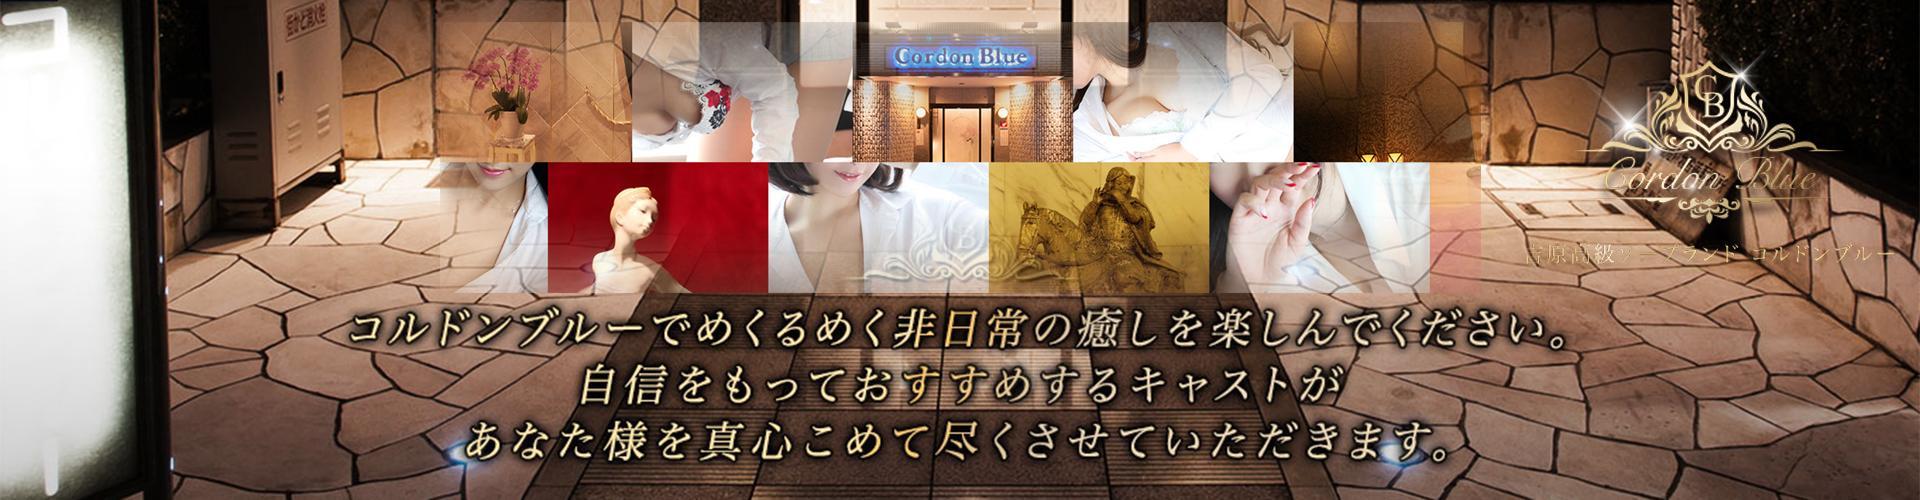 コルドンブルー|吉原高級店ソープ